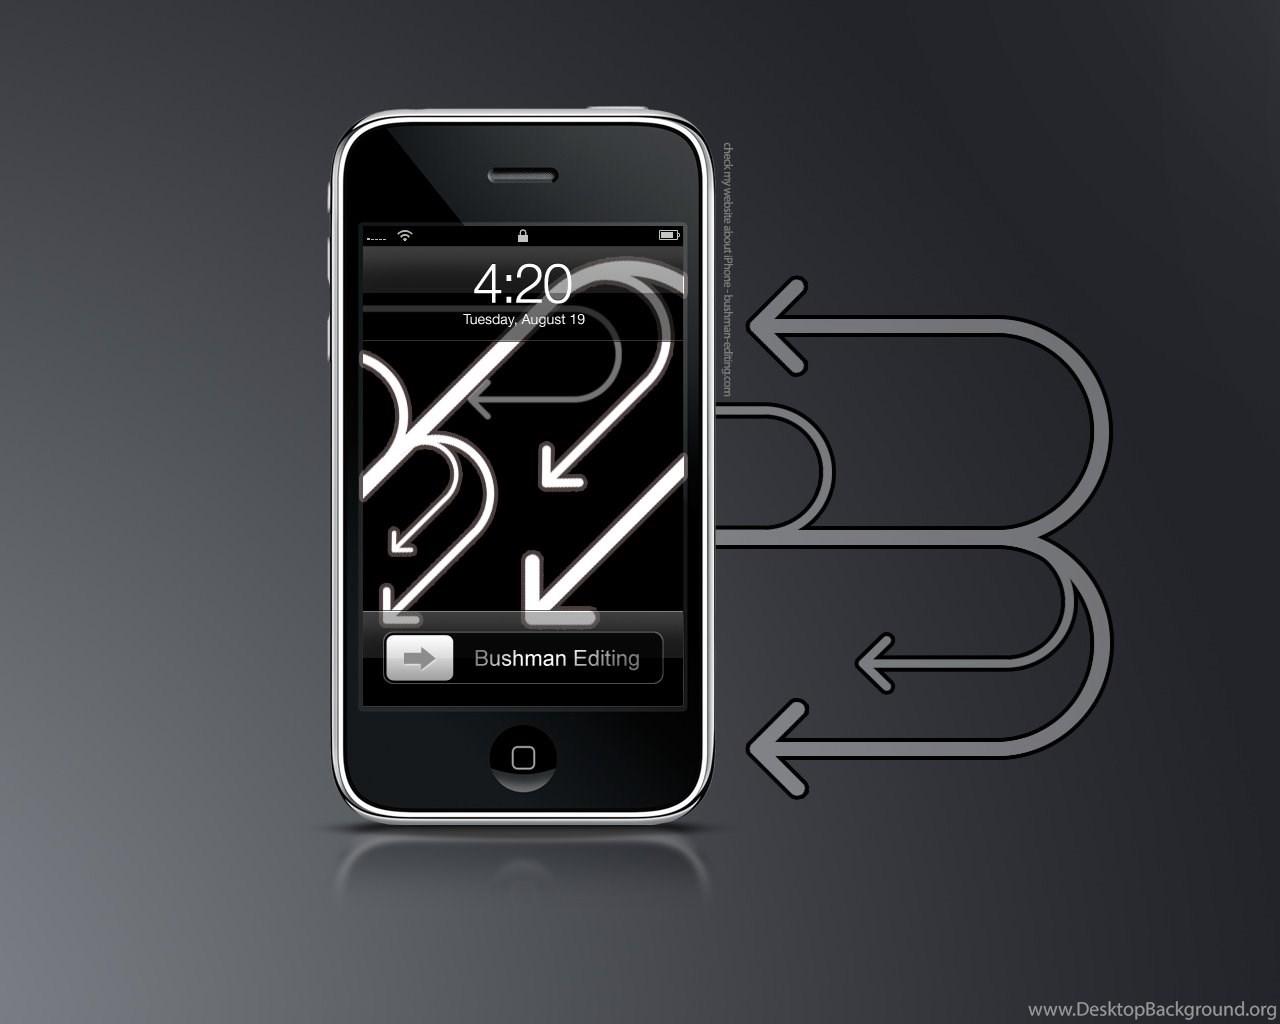 Best Iphone 4s Lock Screen Wallpapers Desktop Background